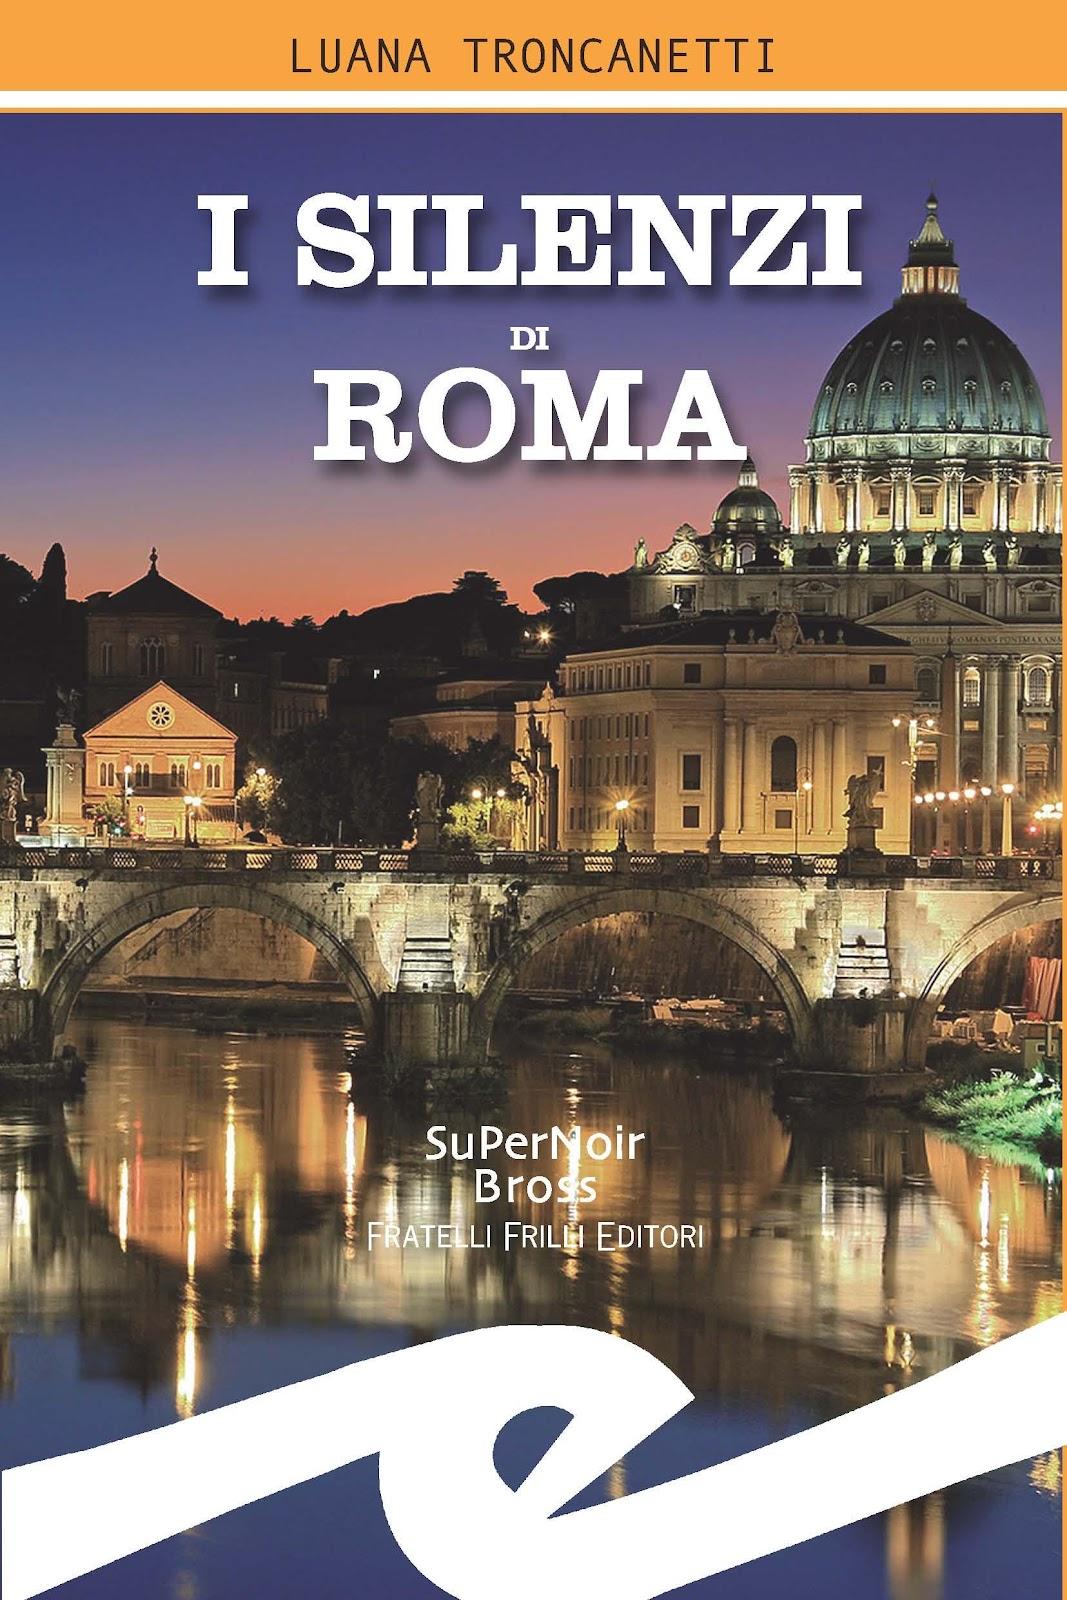 Risultati immagini per I silenzi di Roma – Luana Troncanetti